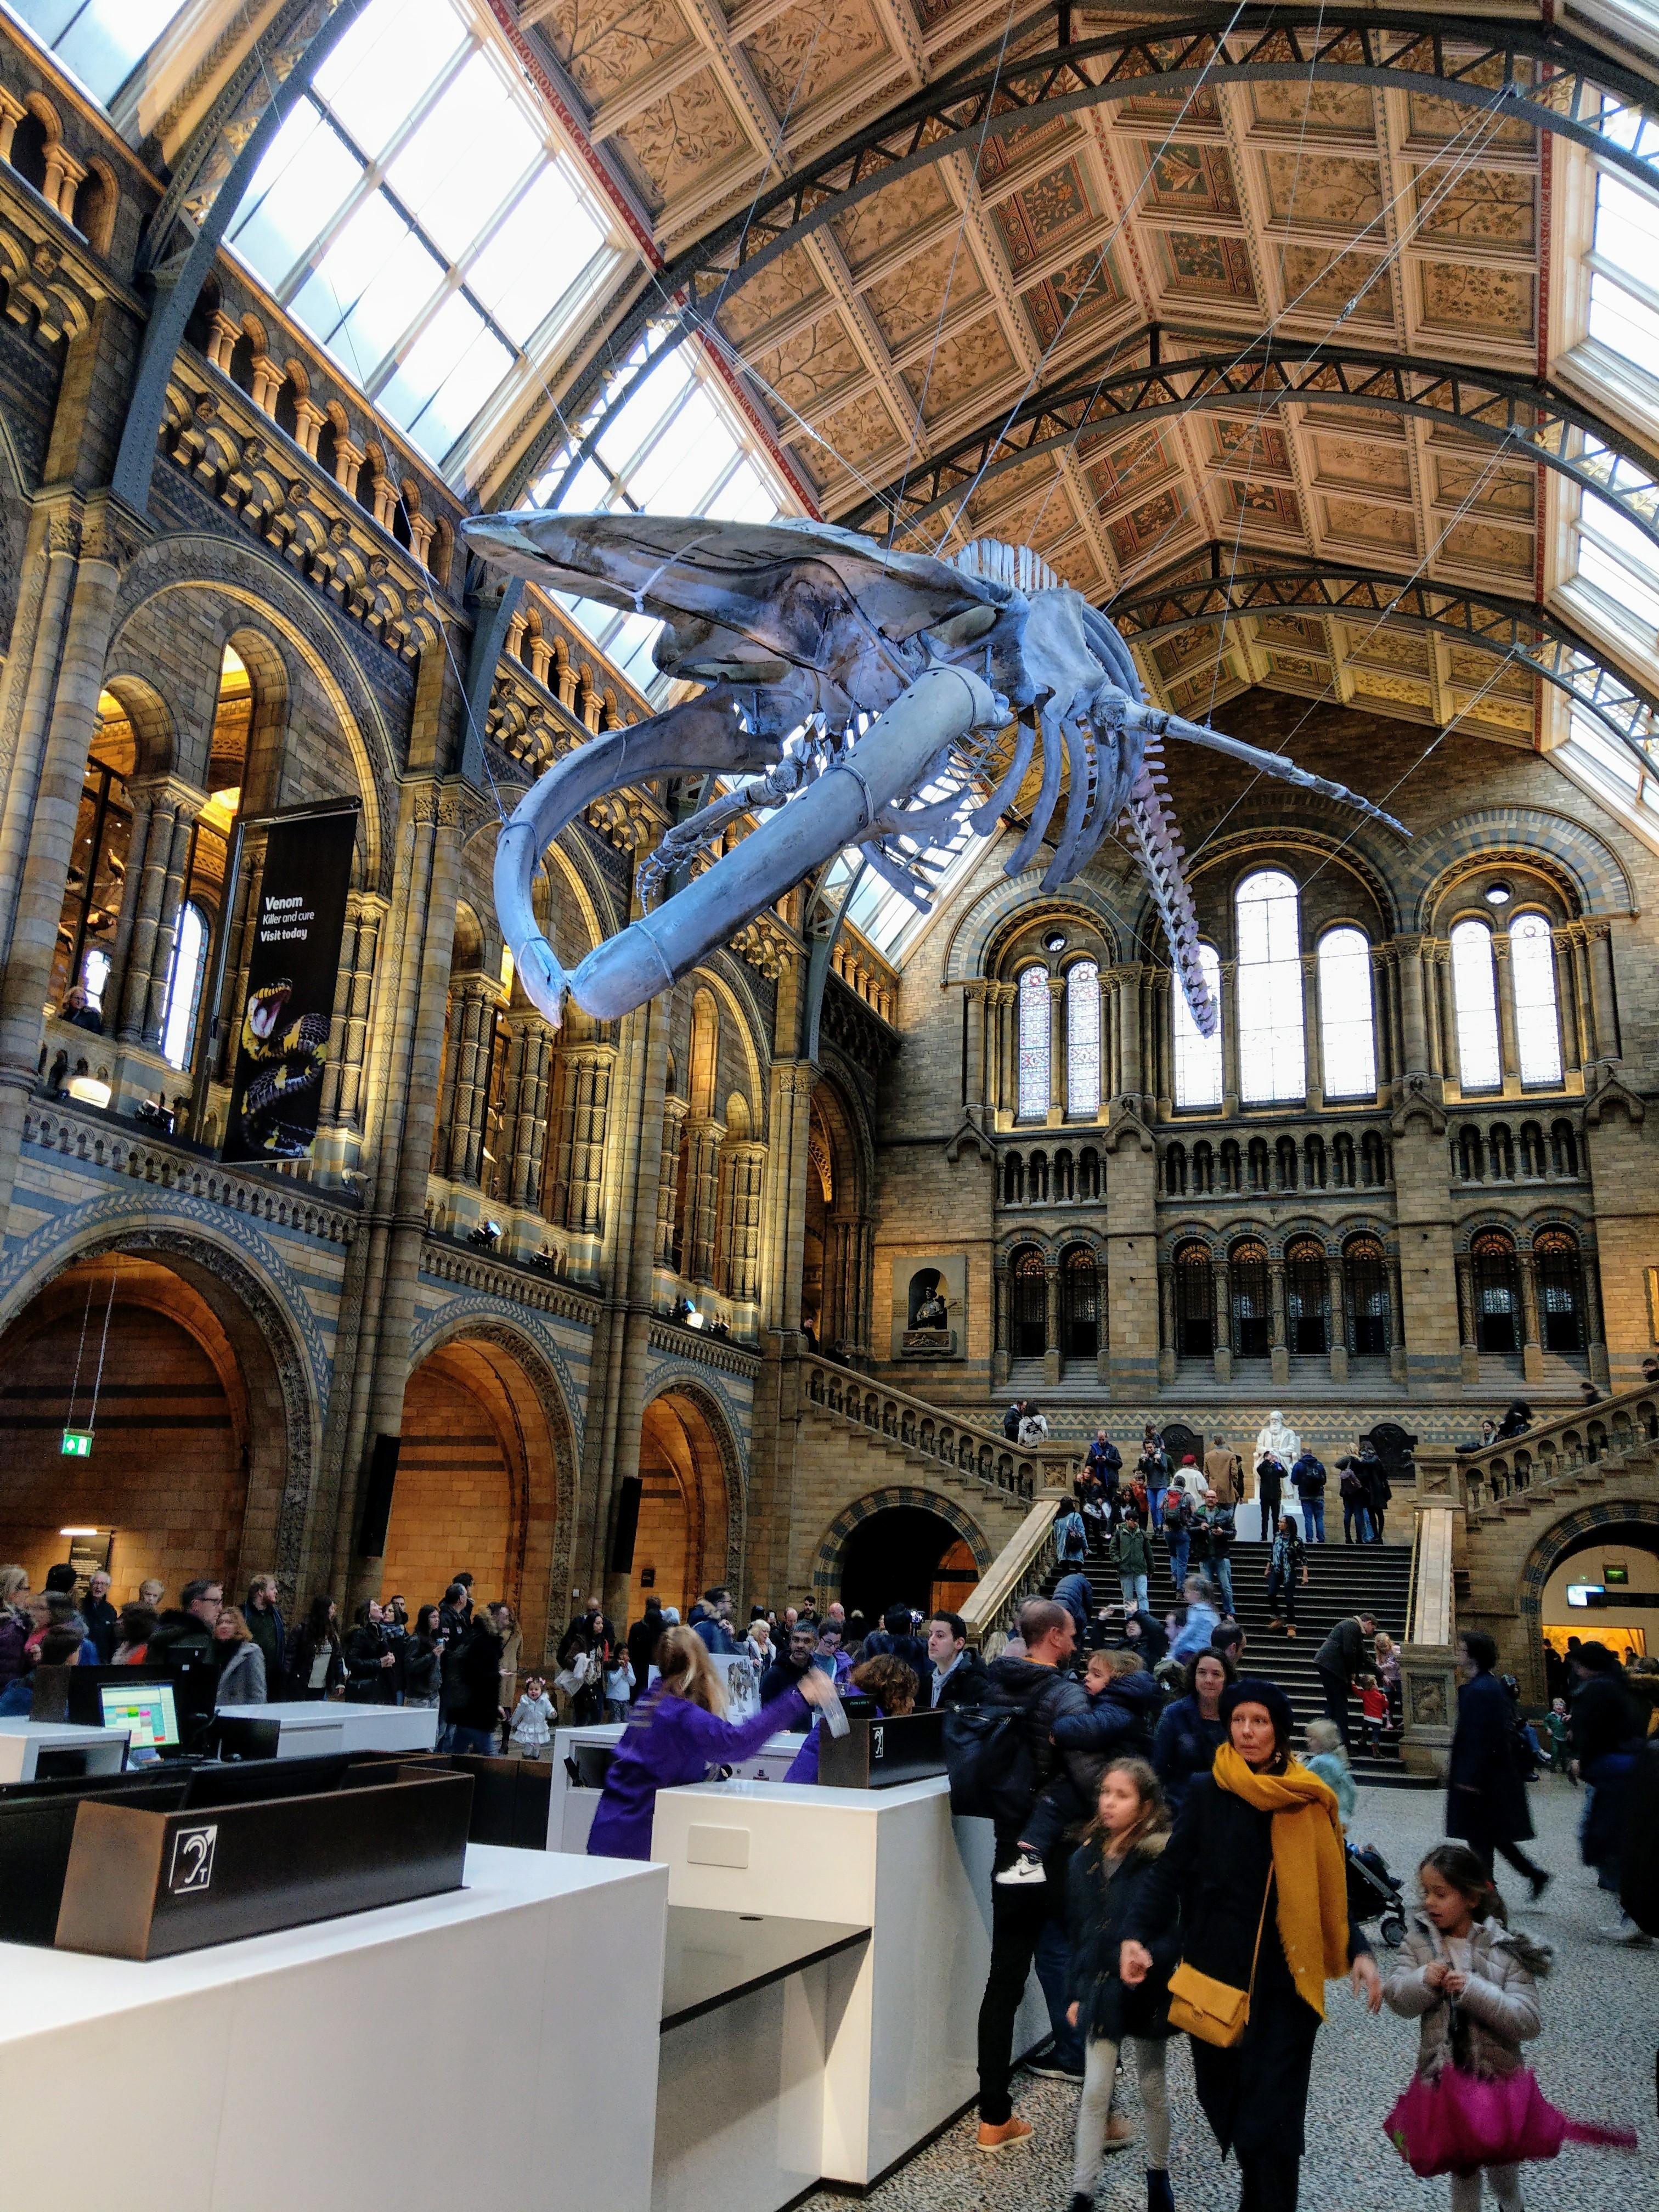 muzeum historii naturalnej londyn natural history museum london czy warto co warto godziny ceny co zwiedzić w londynie co zobaczyć blog o zwierzętach animalistka animalistka.pl